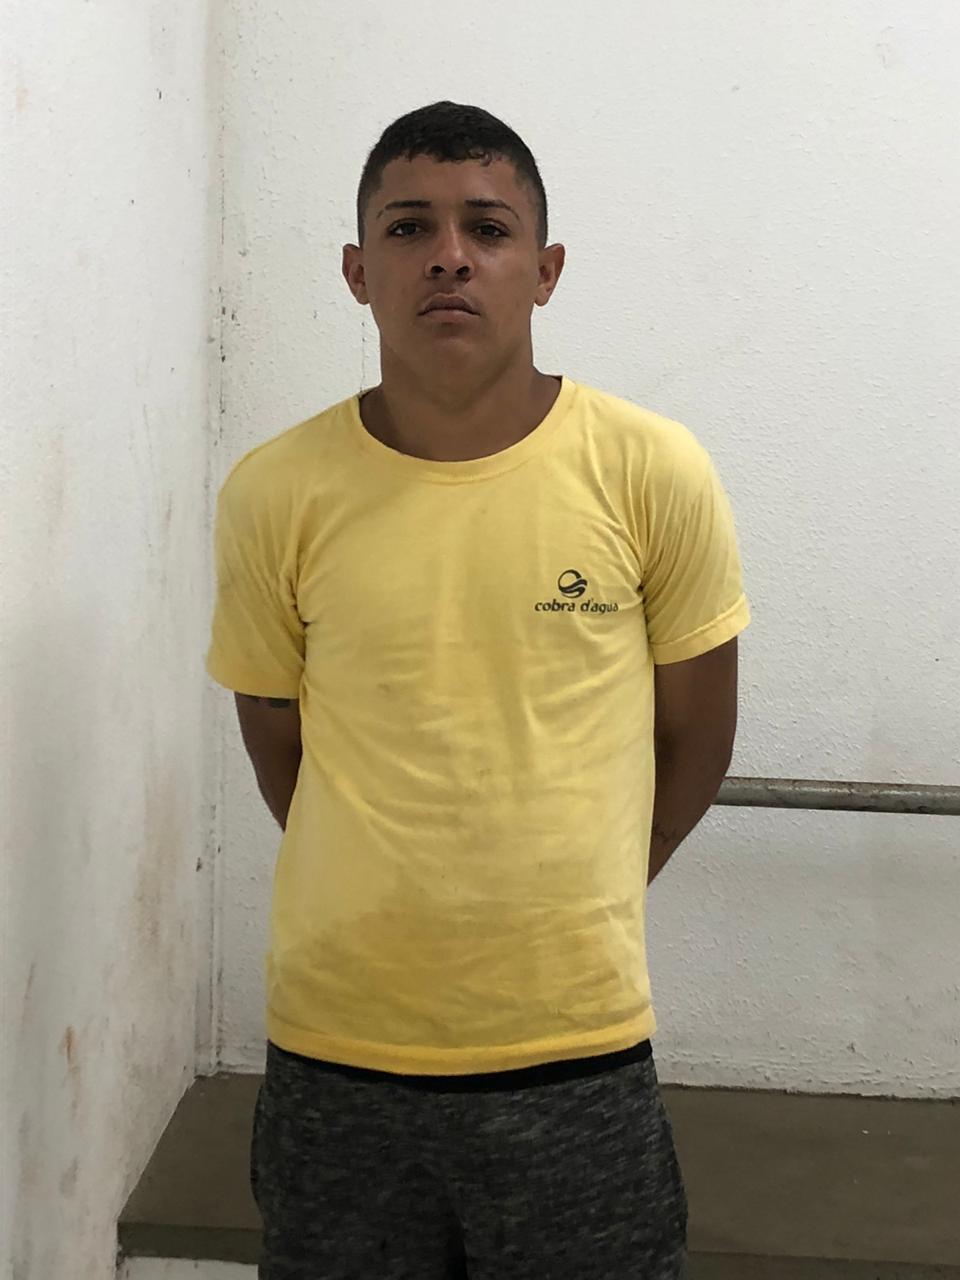 Eudes Soares de Moraes Sousa Júnior